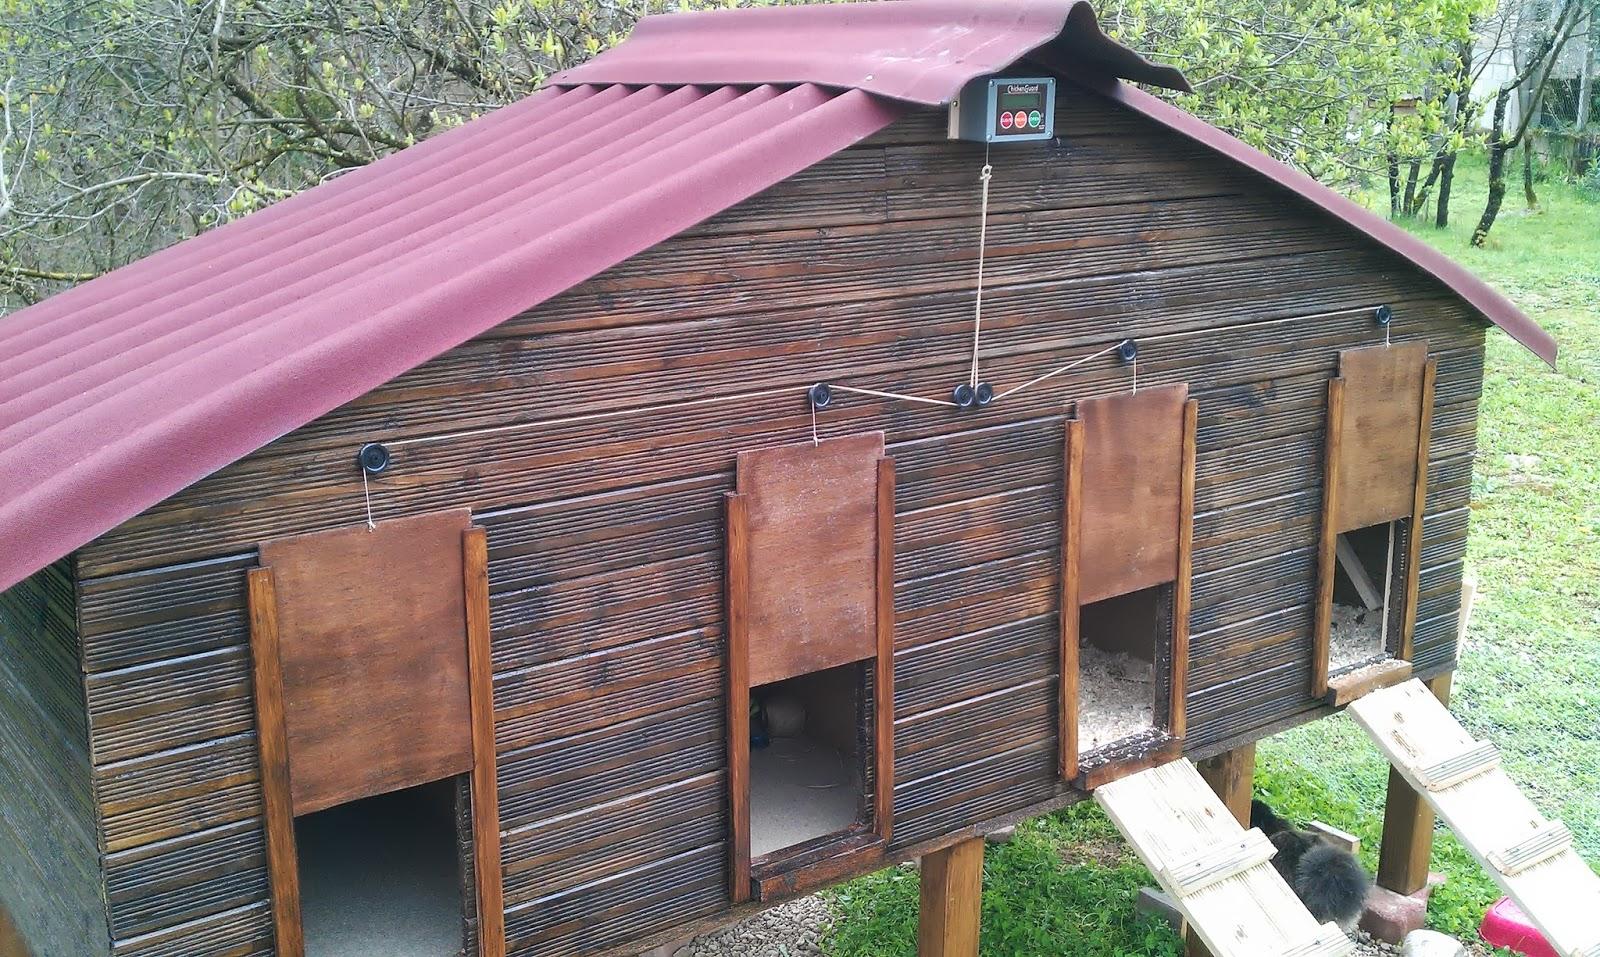 les poules des boubous nouveau poulailler 4 compartiments automatis s chickenguard. Black Bedroom Furniture Sets. Home Design Ideas